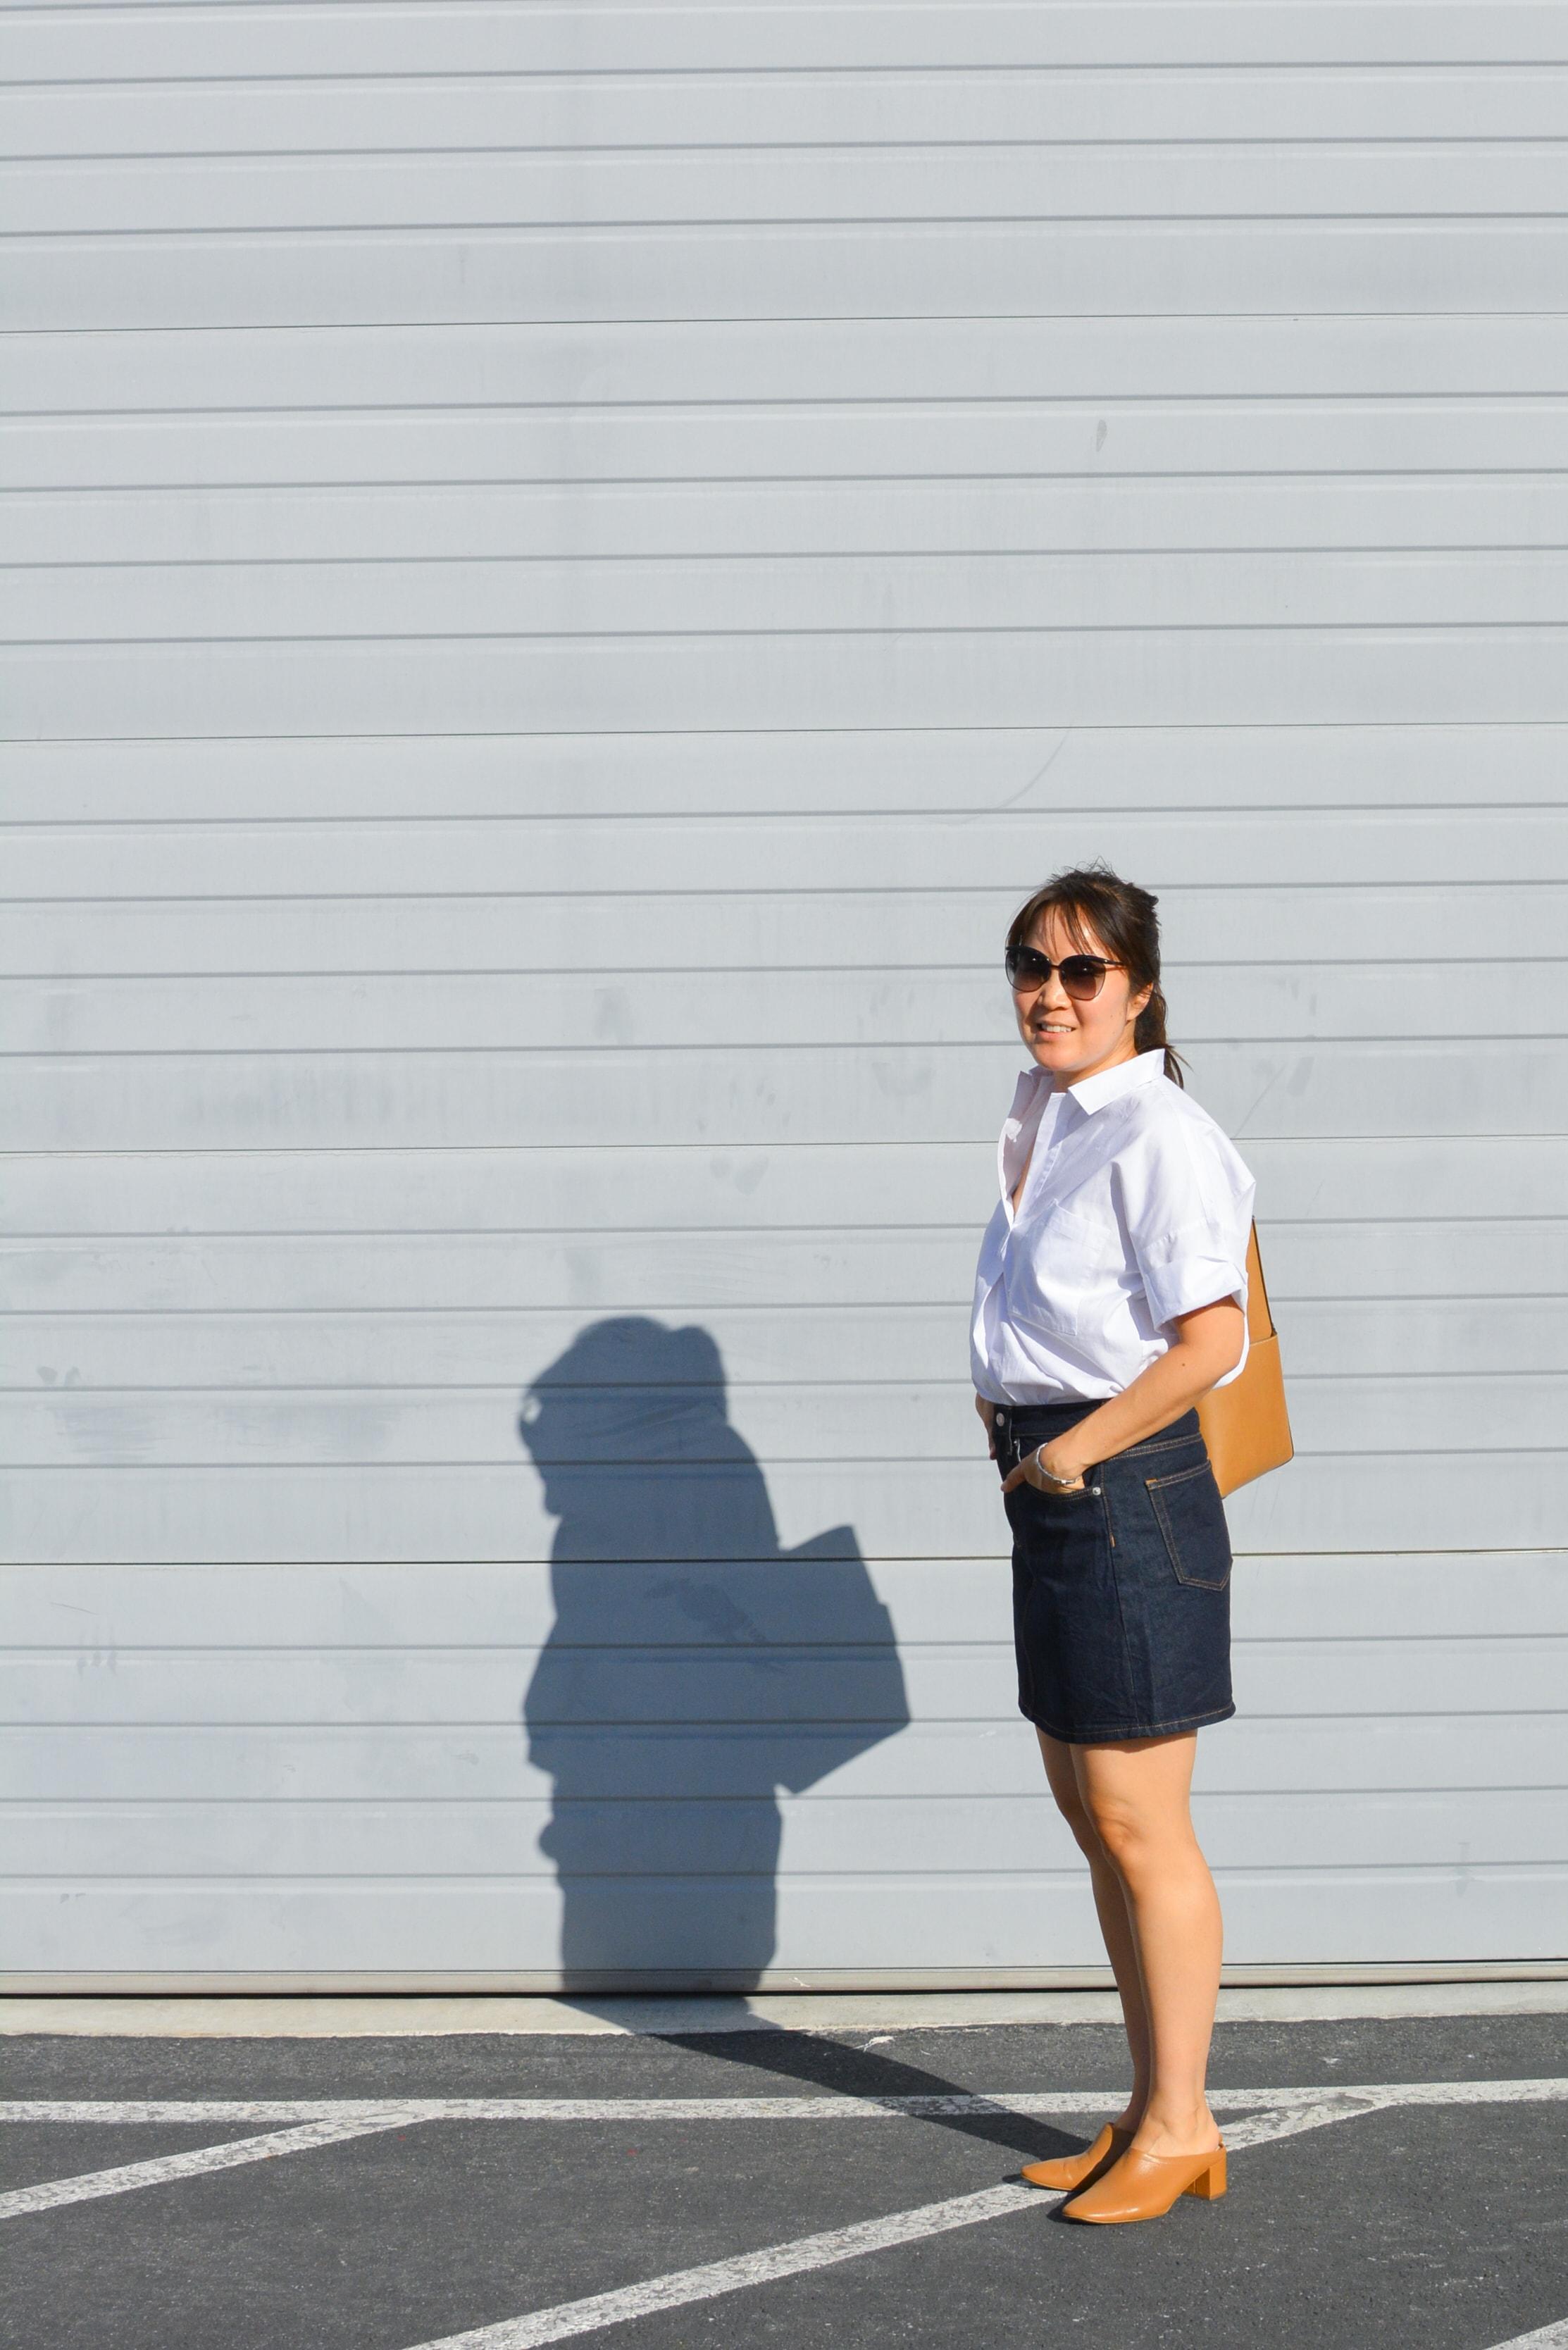 Everlane Review The The Denim Skirt (4 of 4)-min.jpg